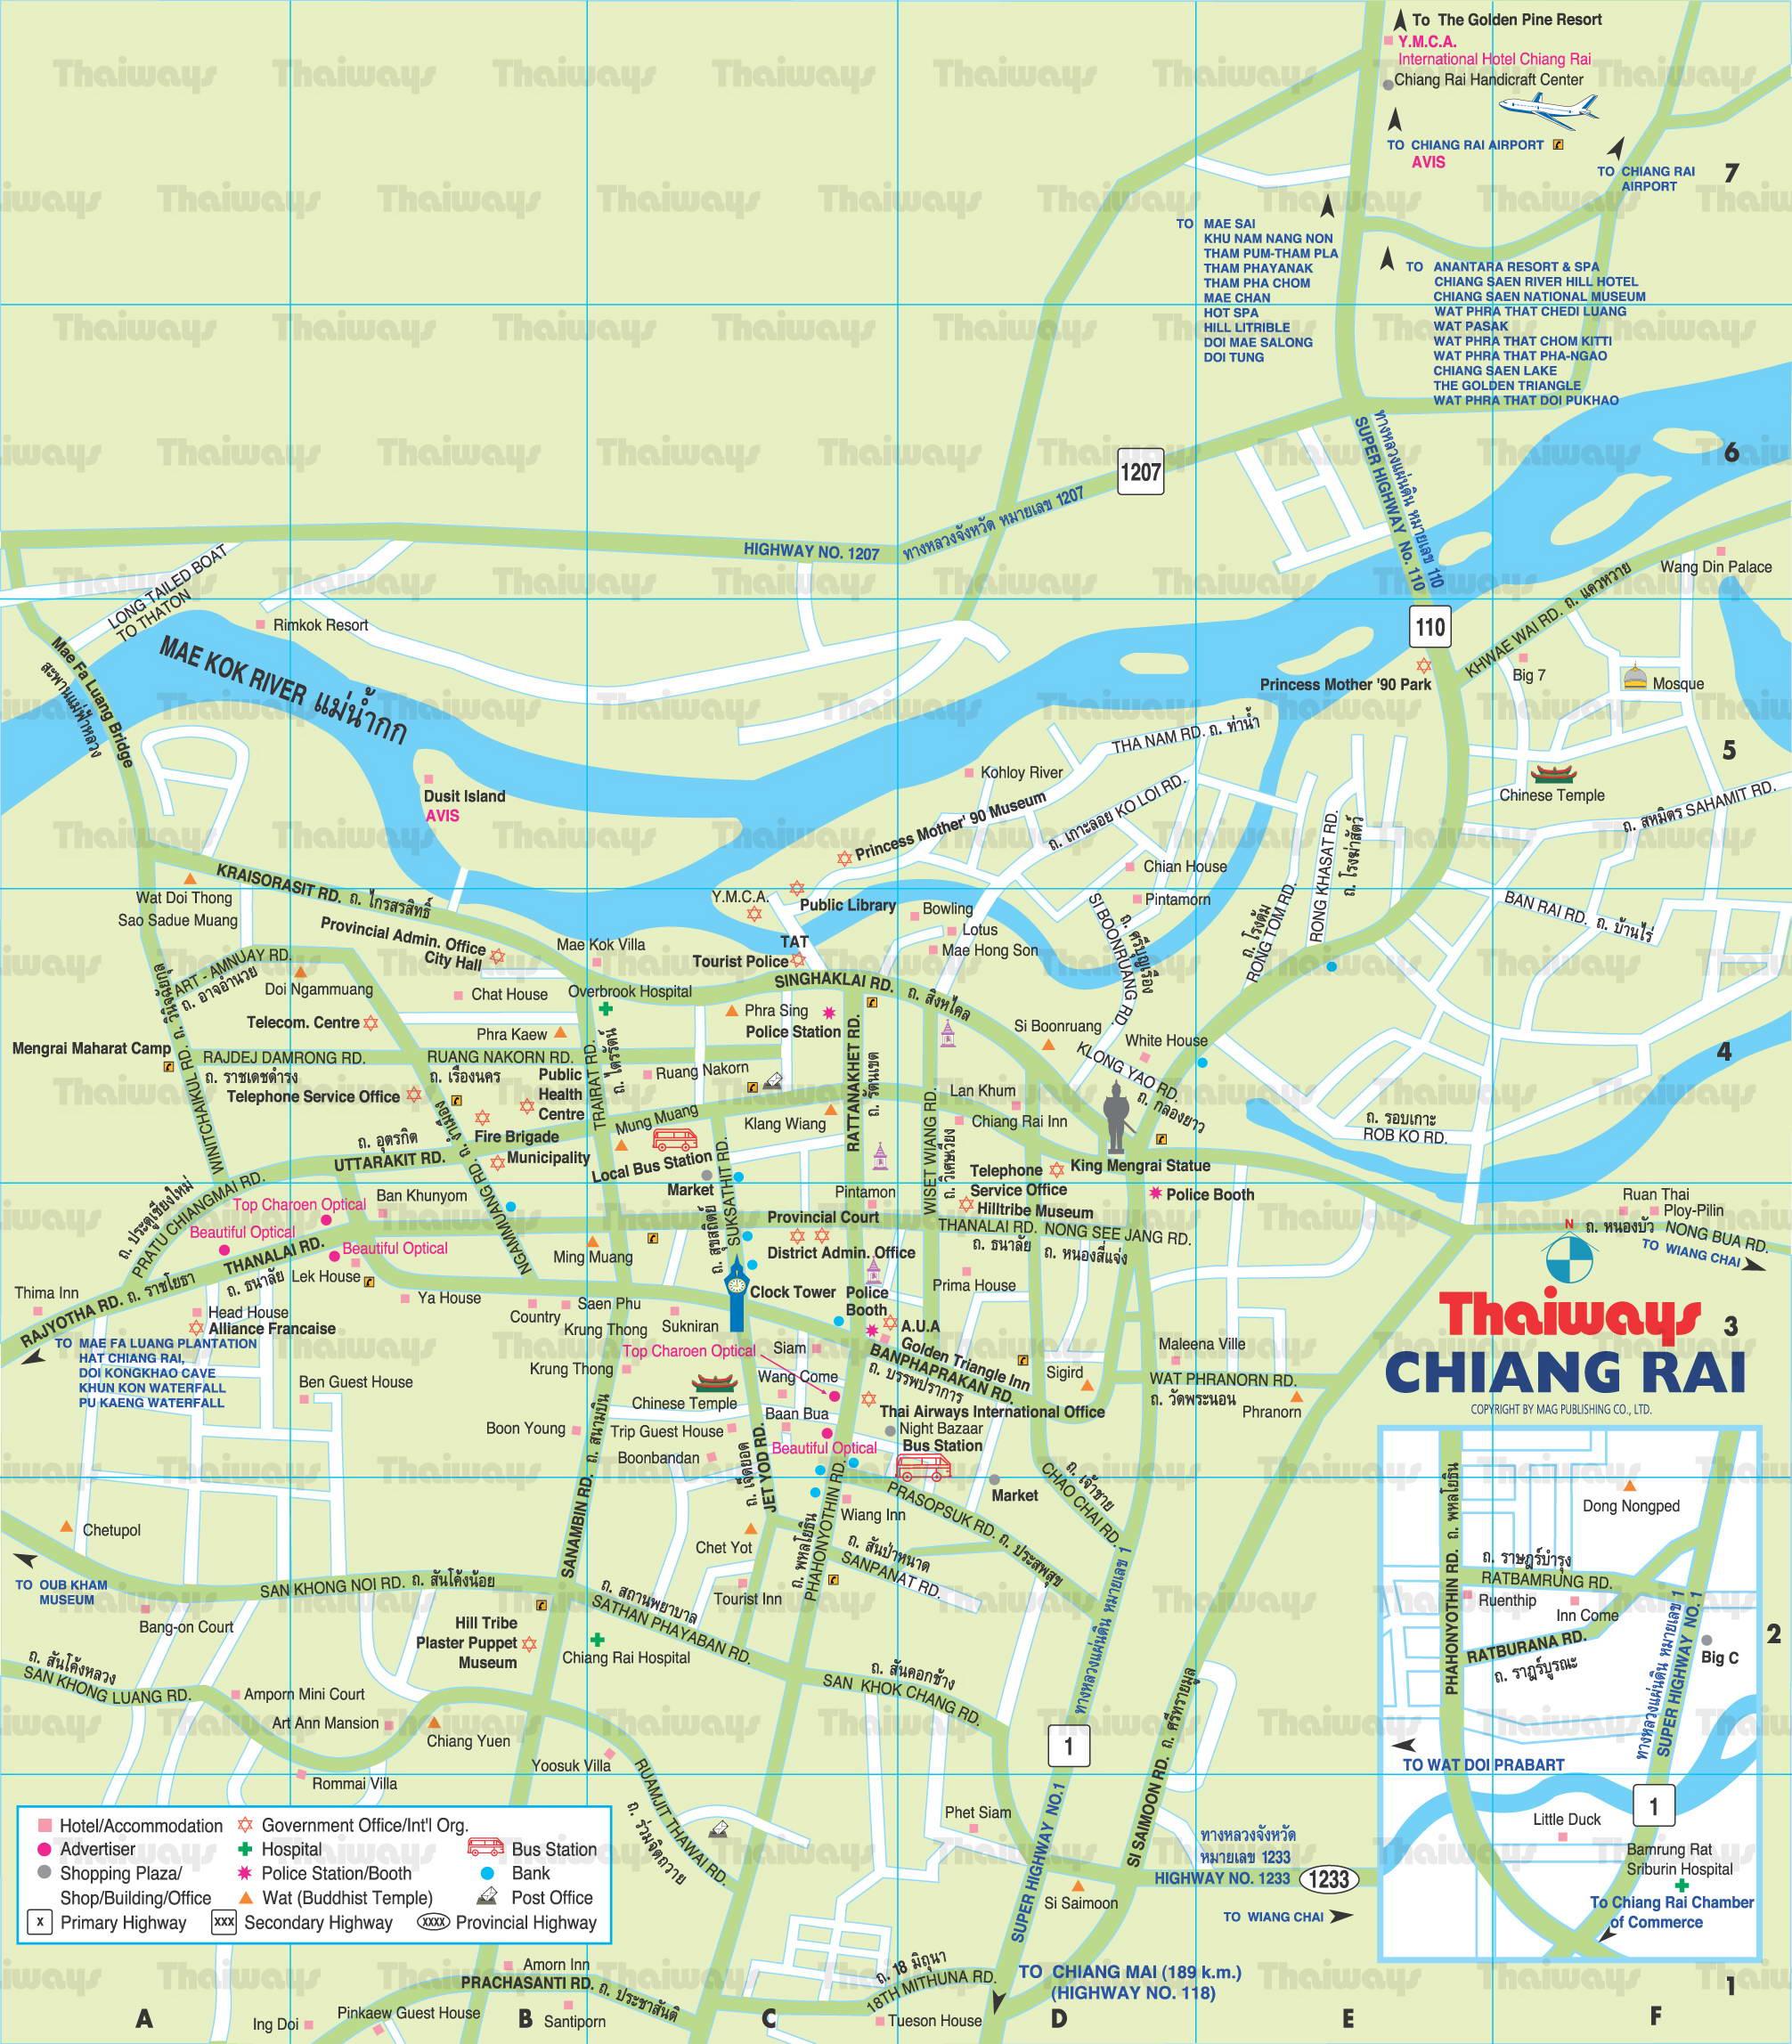 chiang_rai_map